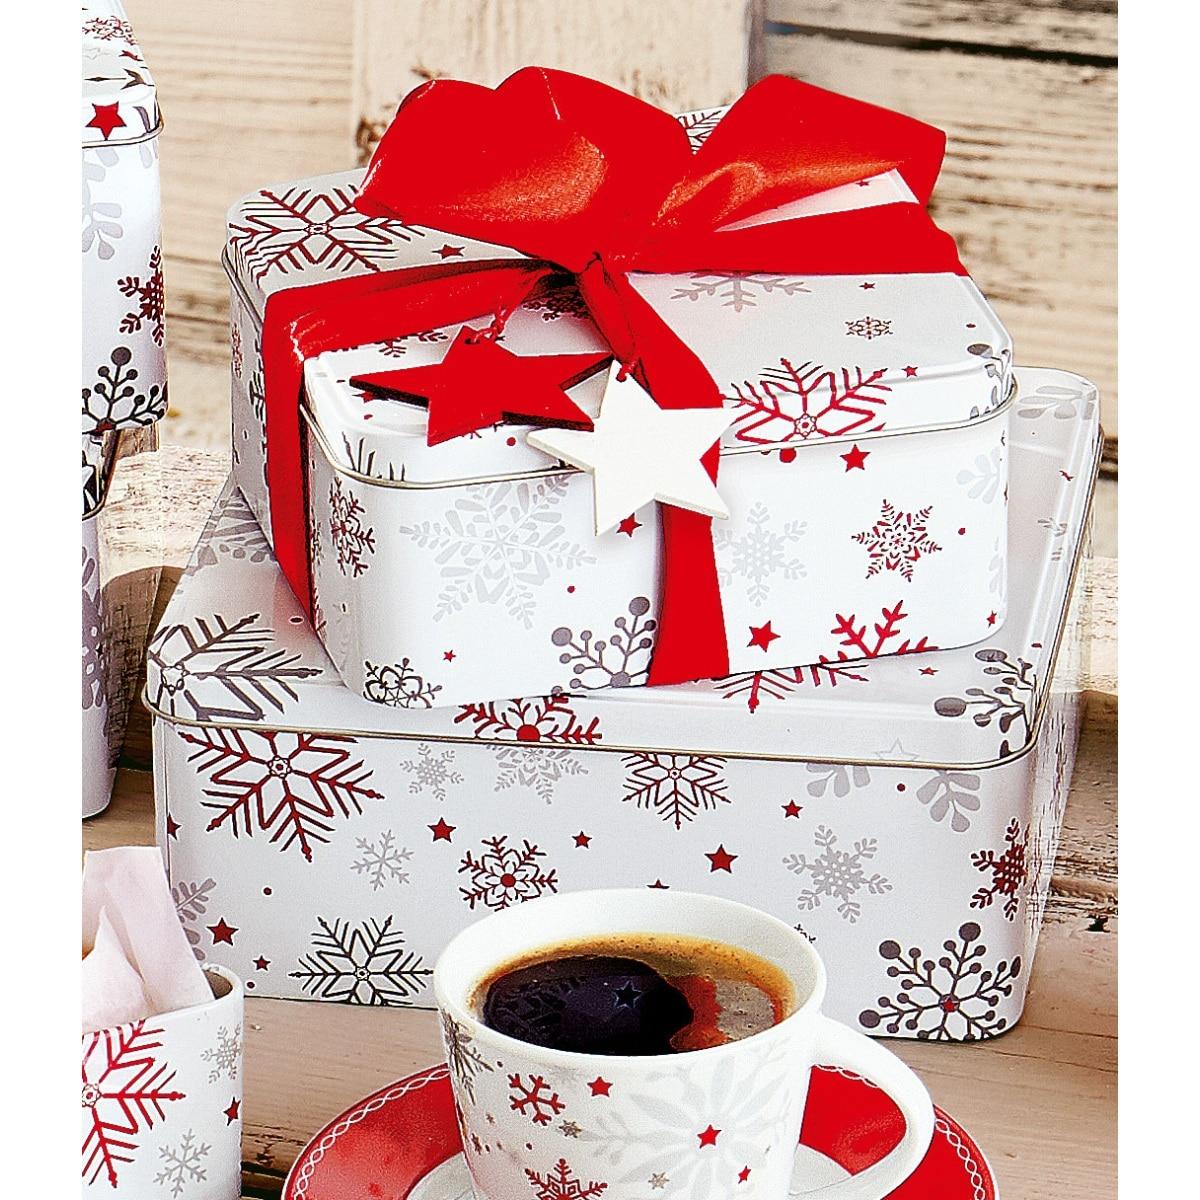 weihnachtsglanz by casanova weihnachten keksdose dose m. Black Bedroom Furniture Sets. Home Design Ideas